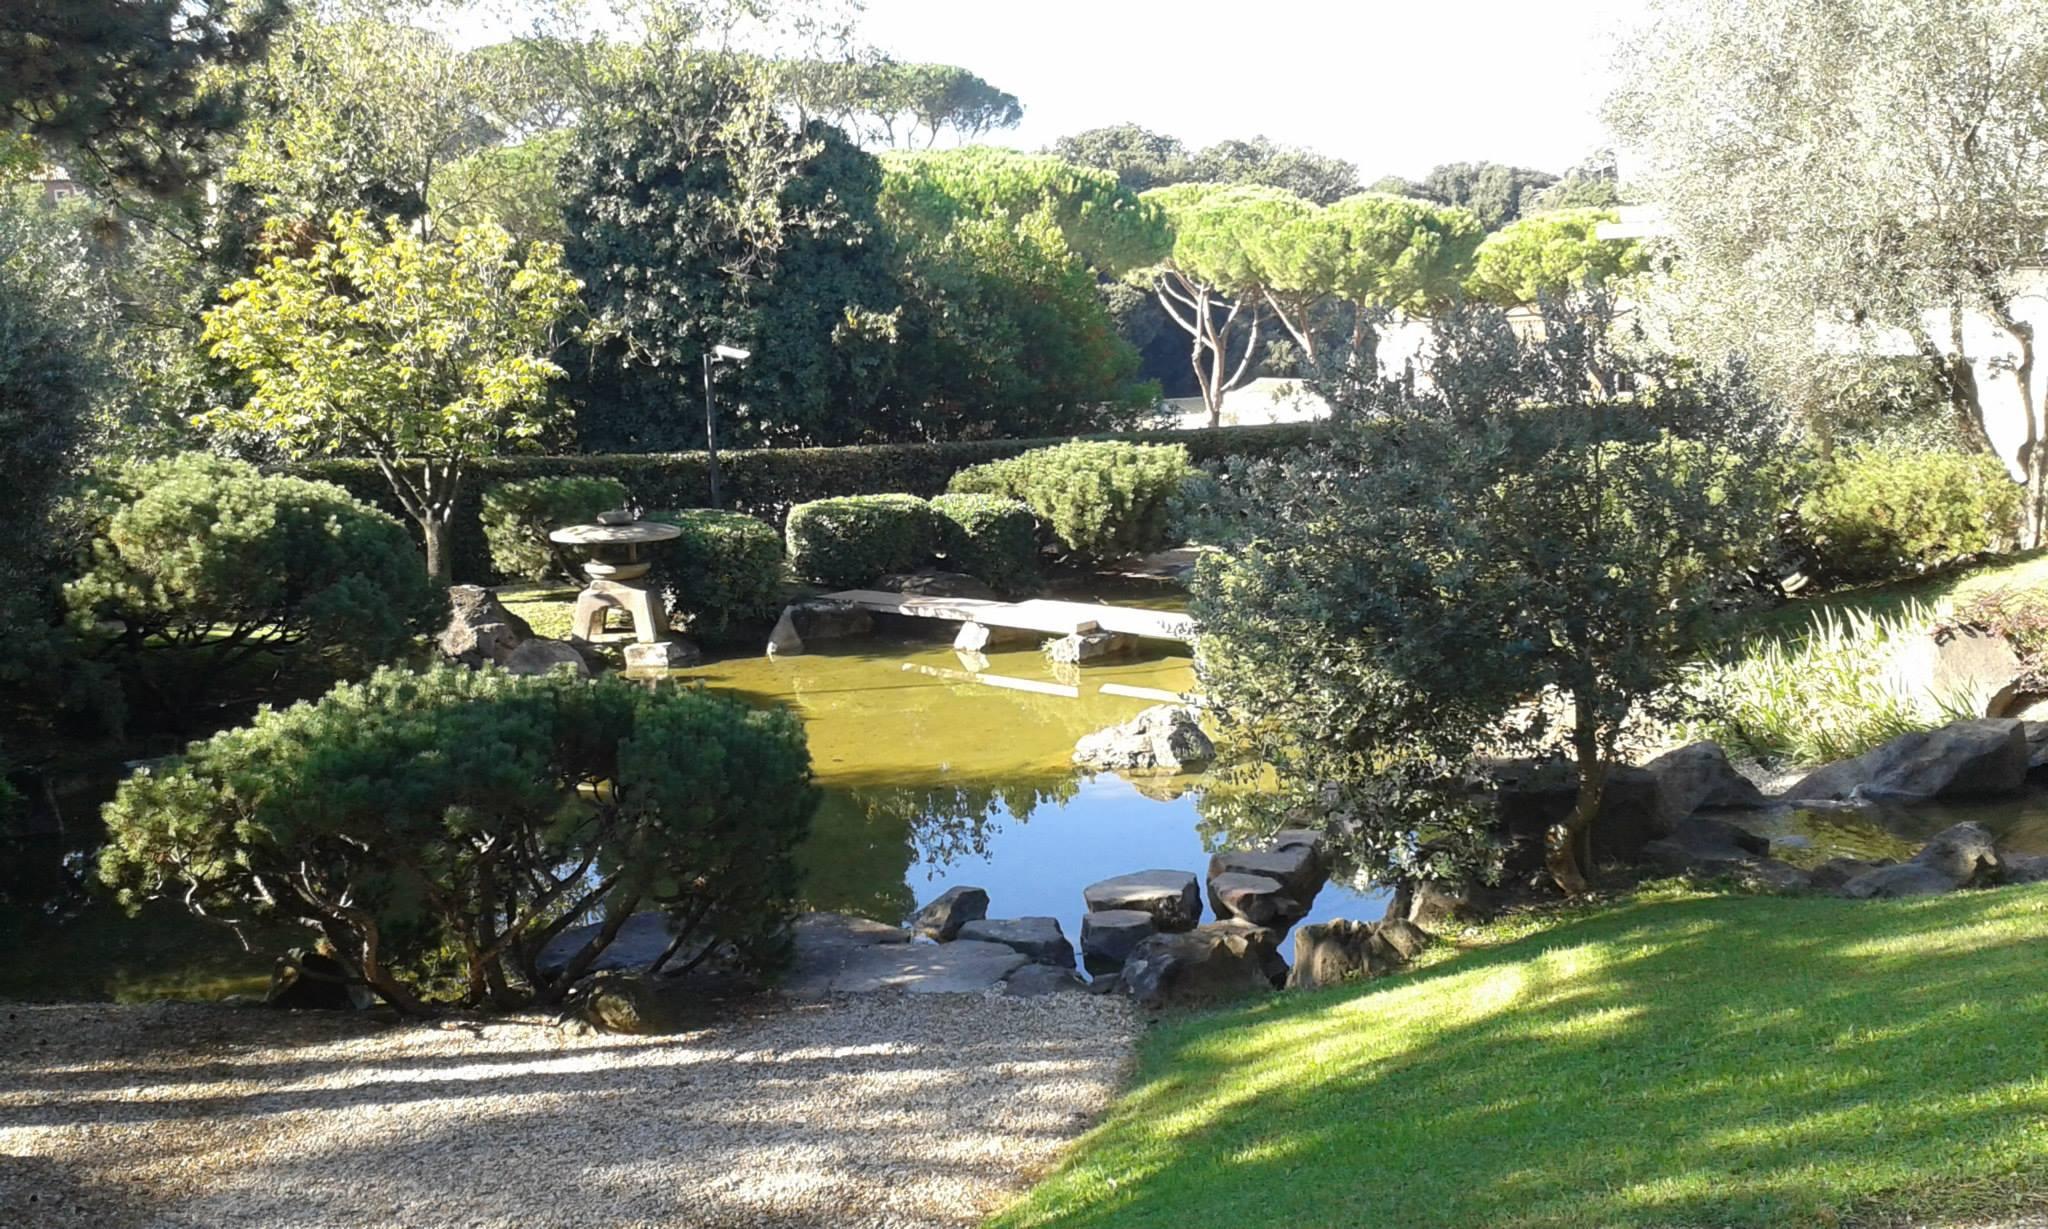 Apertura giardino dell istituto giapponese di roma dal